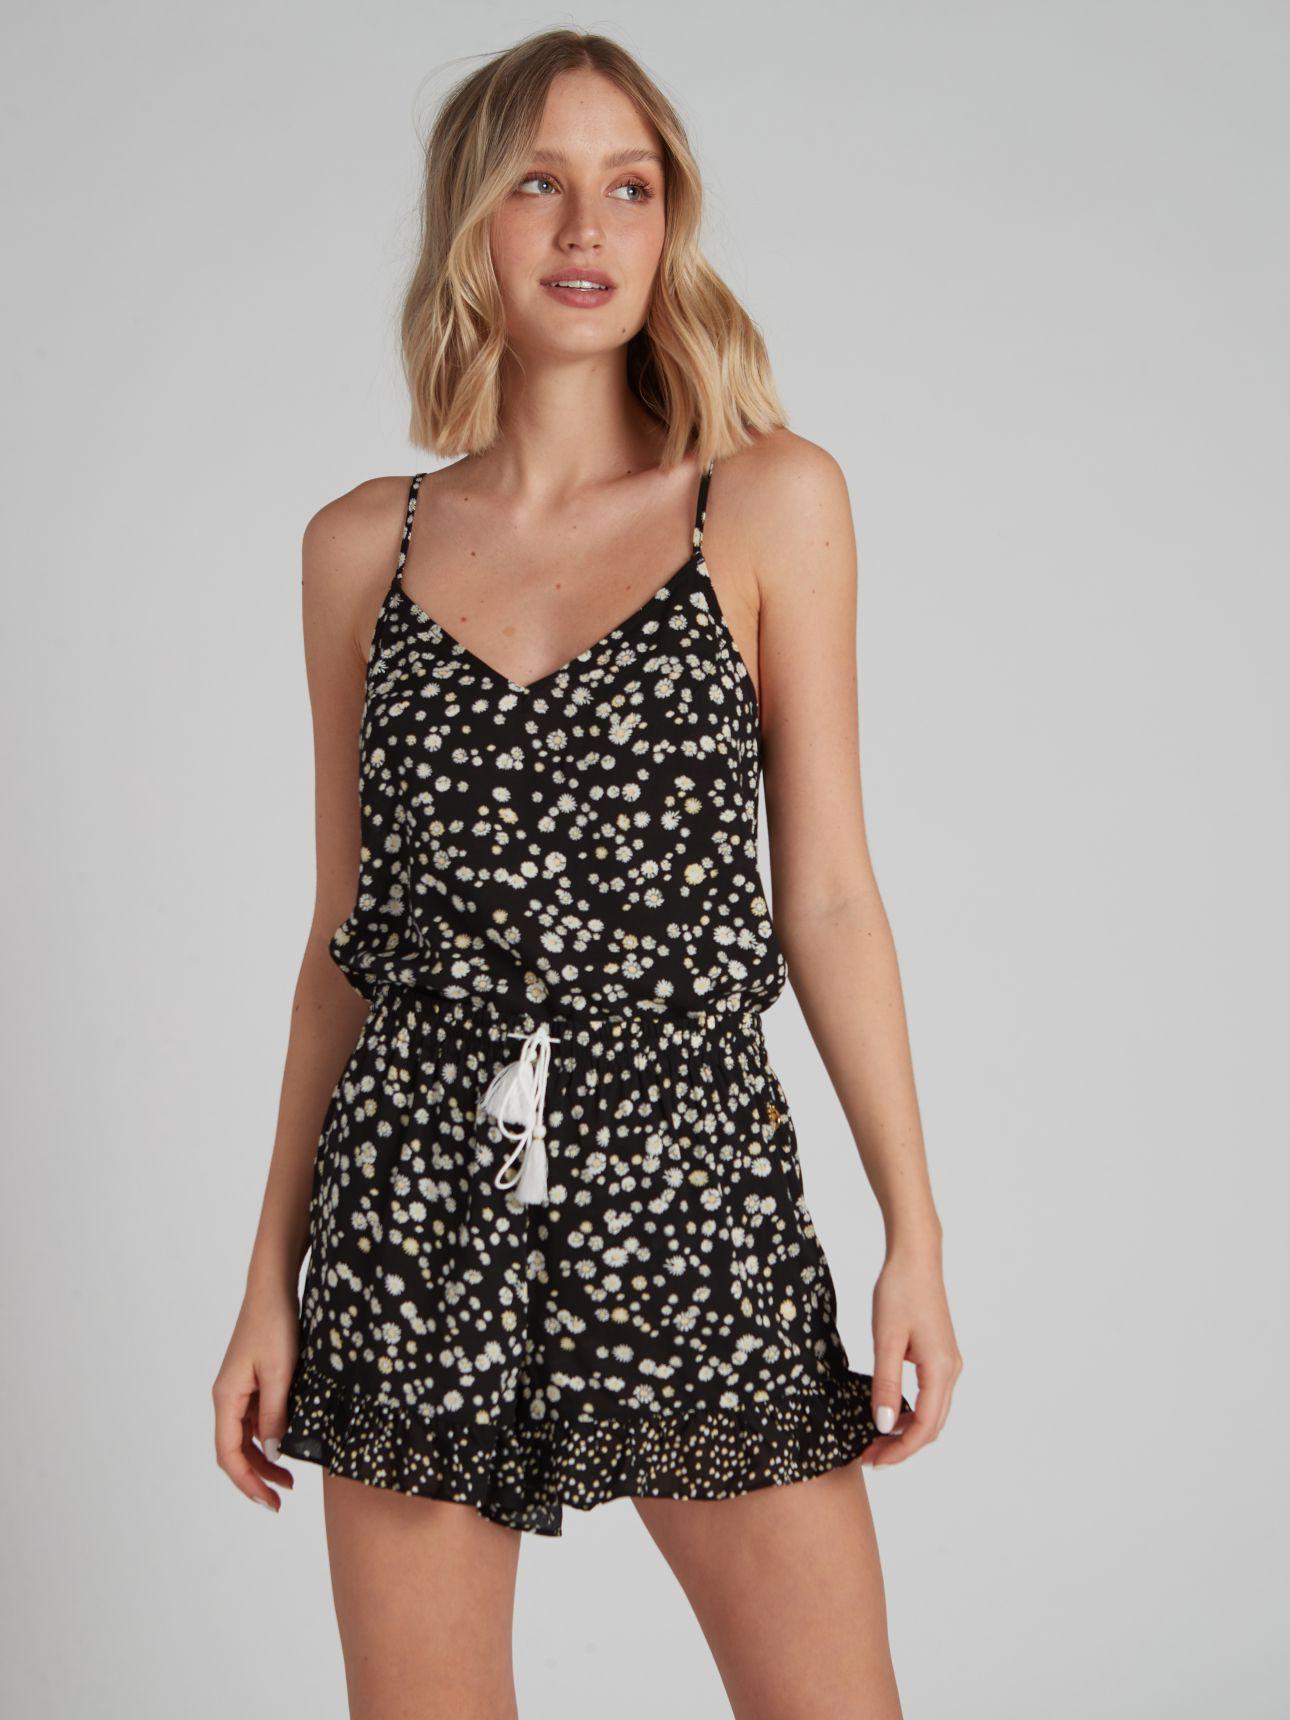 מכנסיים קצרים SUMMER FLOWER בצבע שחור+לבן